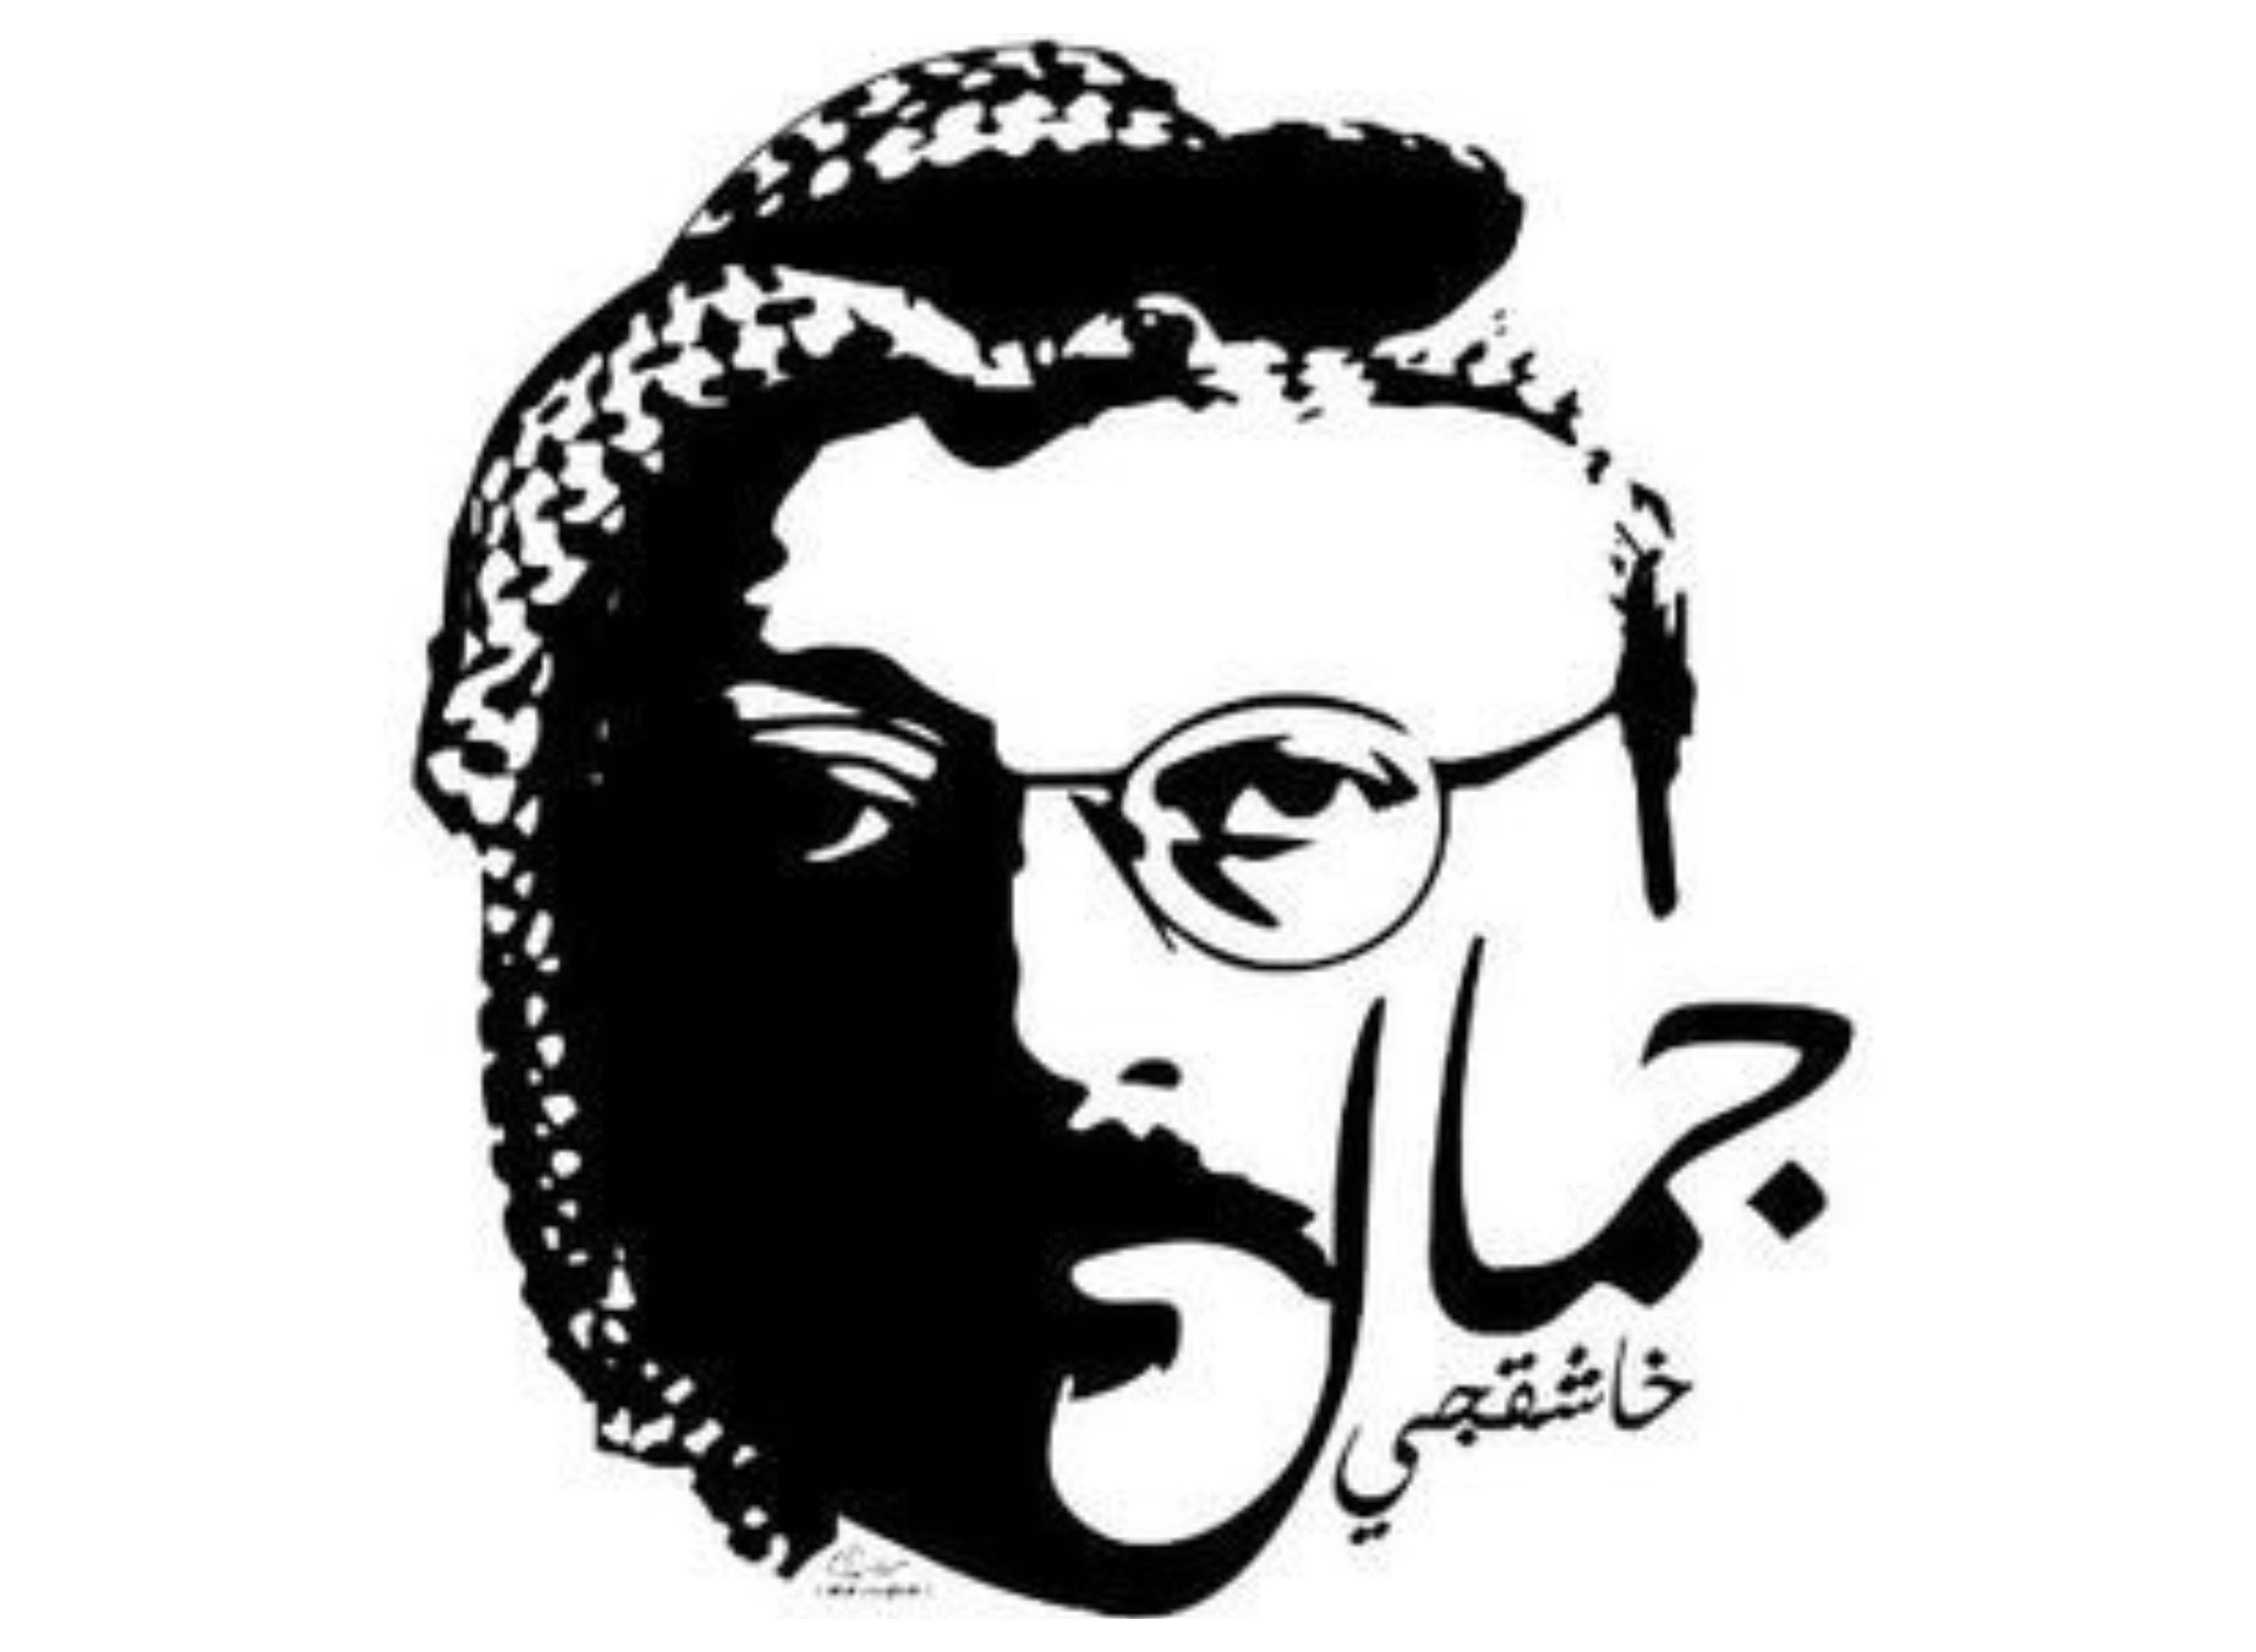 من الإعدام الى الحكم بالسجن أبرز منعطفات قضية مقتل خاشقجي على مدار 706 يوم ا Historical Figures Historical